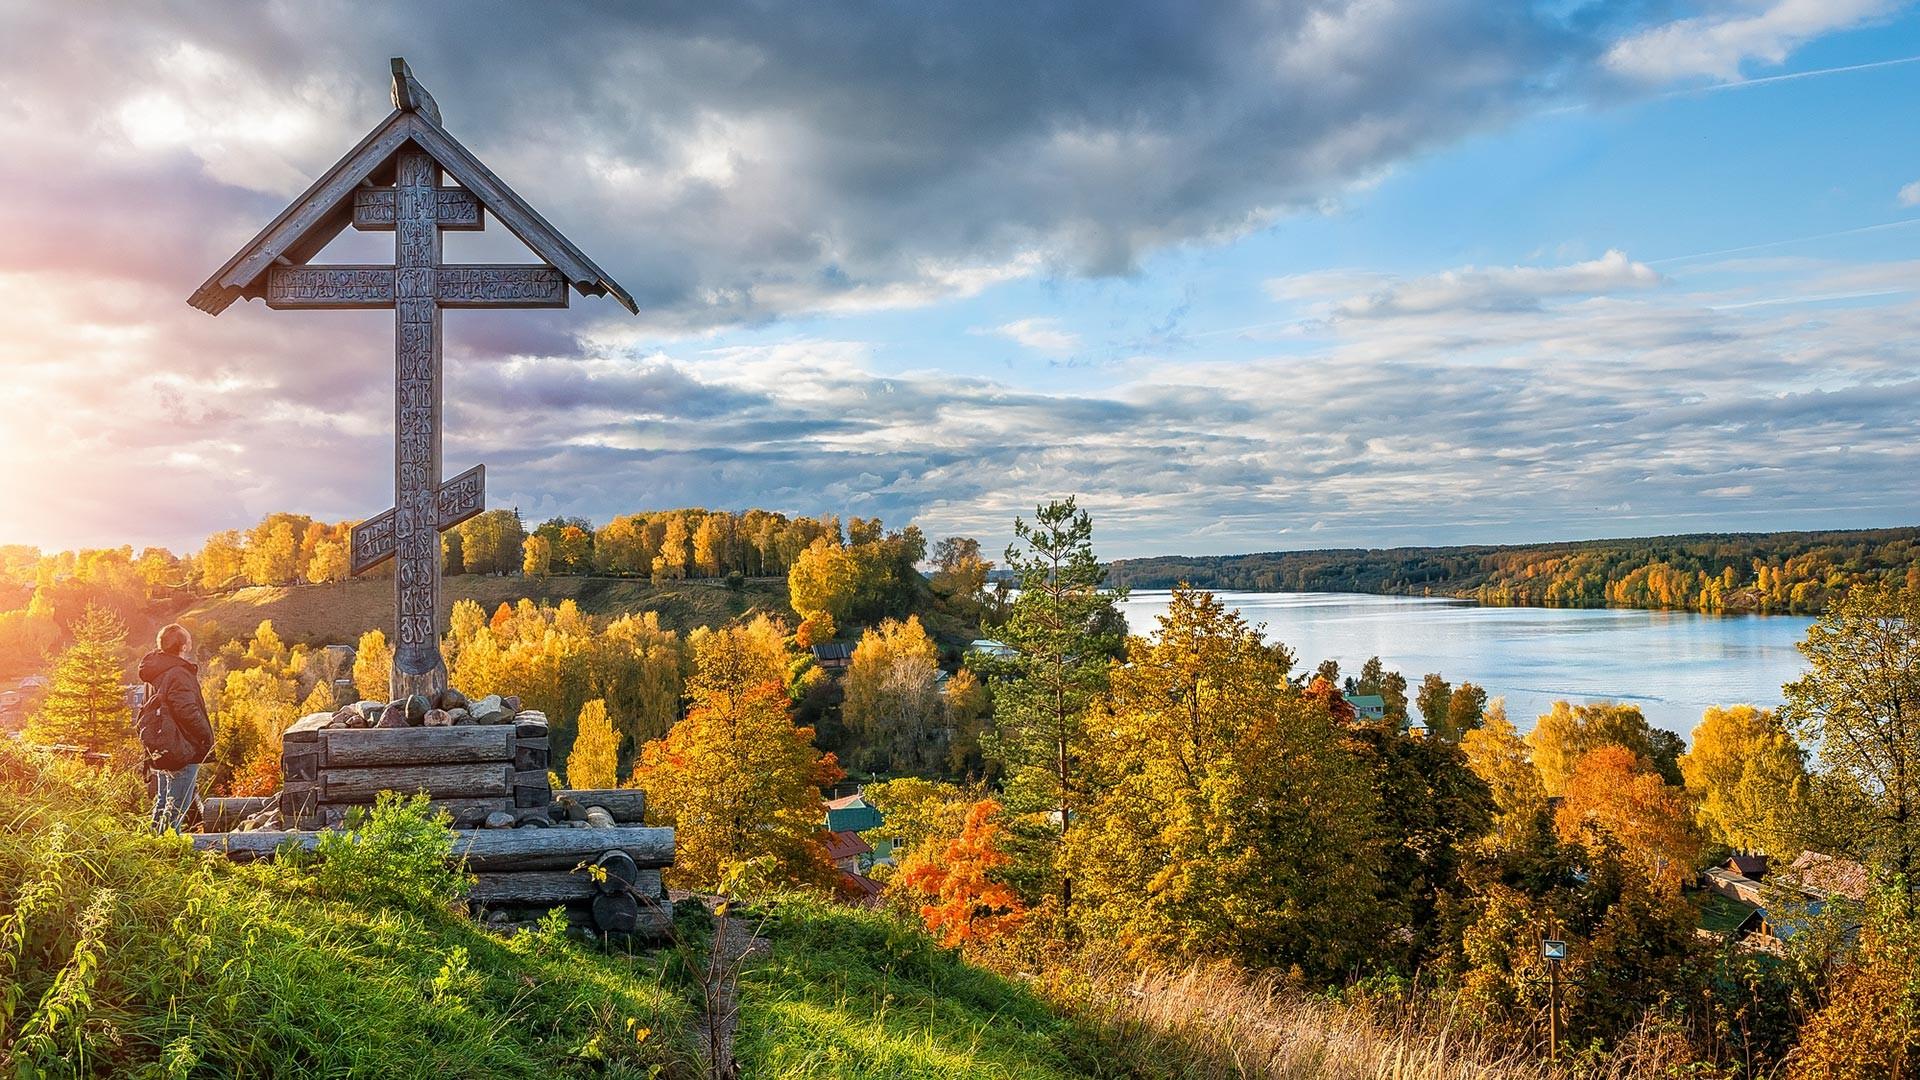 Musim gugur di Kota Plyos.